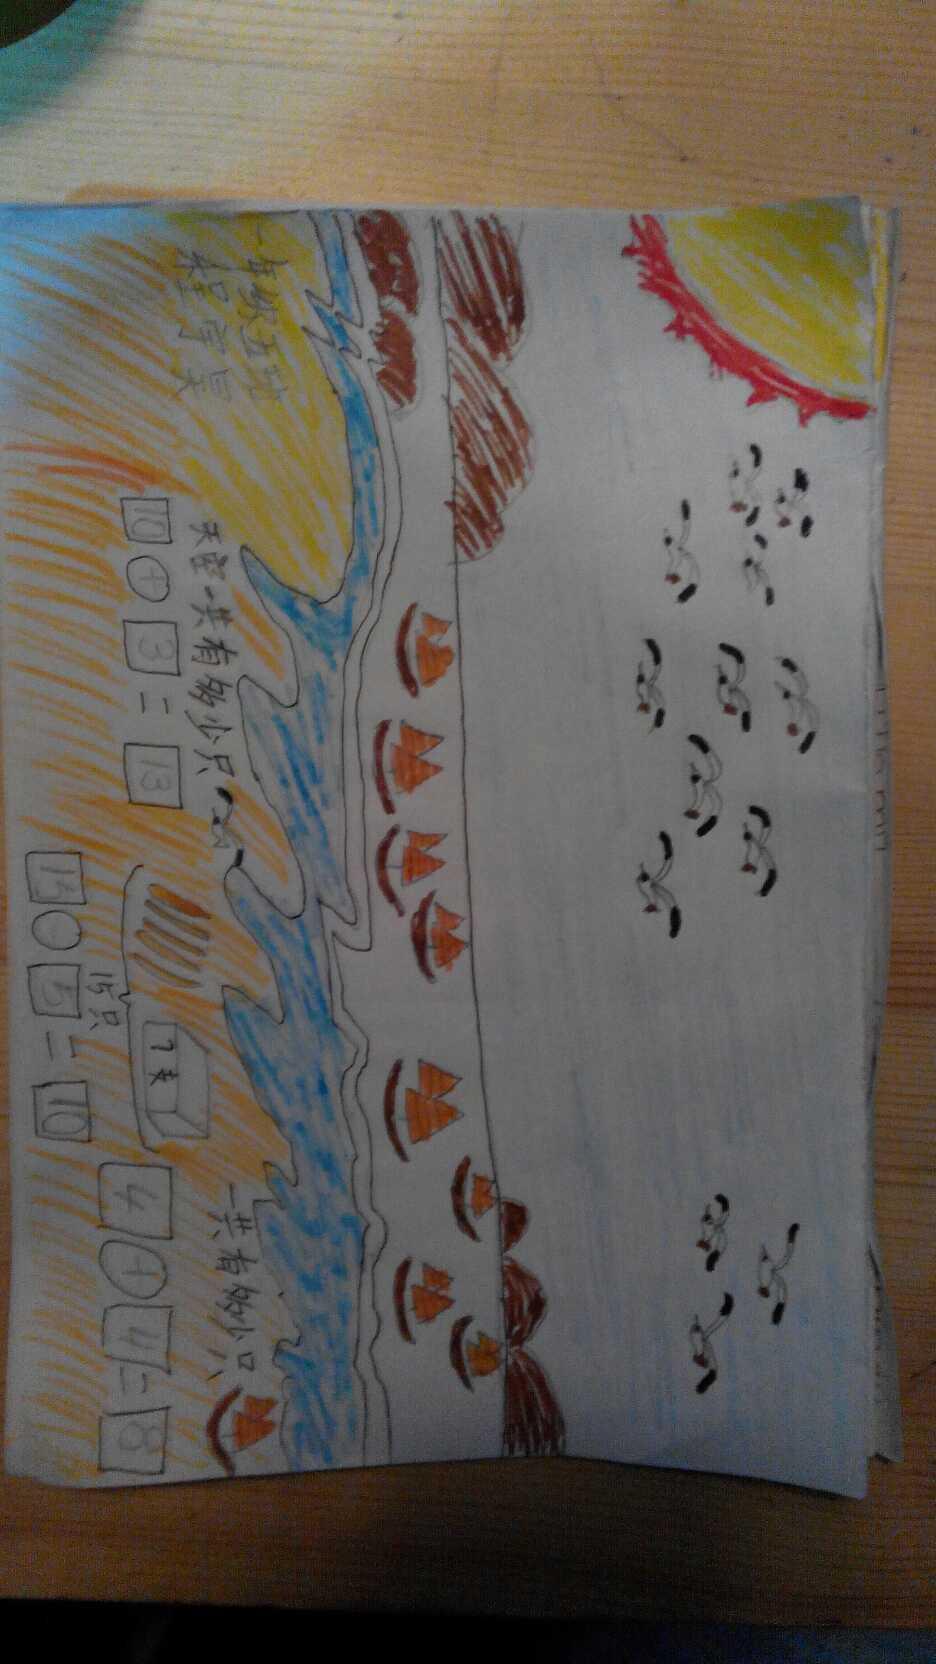 思维五单元净高导图_青岛铜川路数学_v思维-沪小学中小学图片